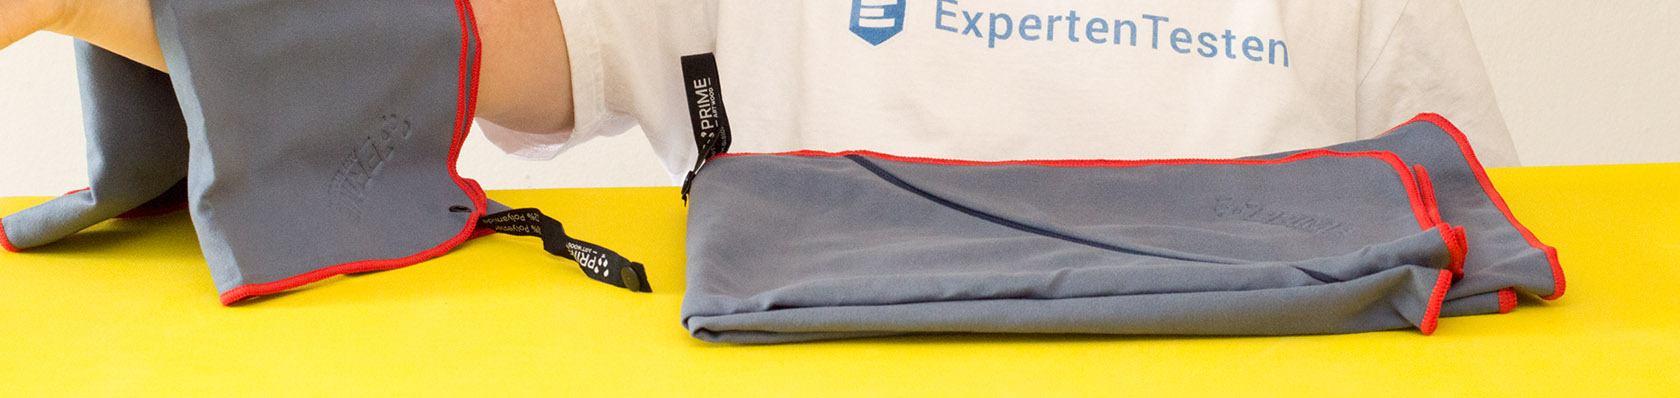 Handtücher im Test auf ExpertenTesten.de